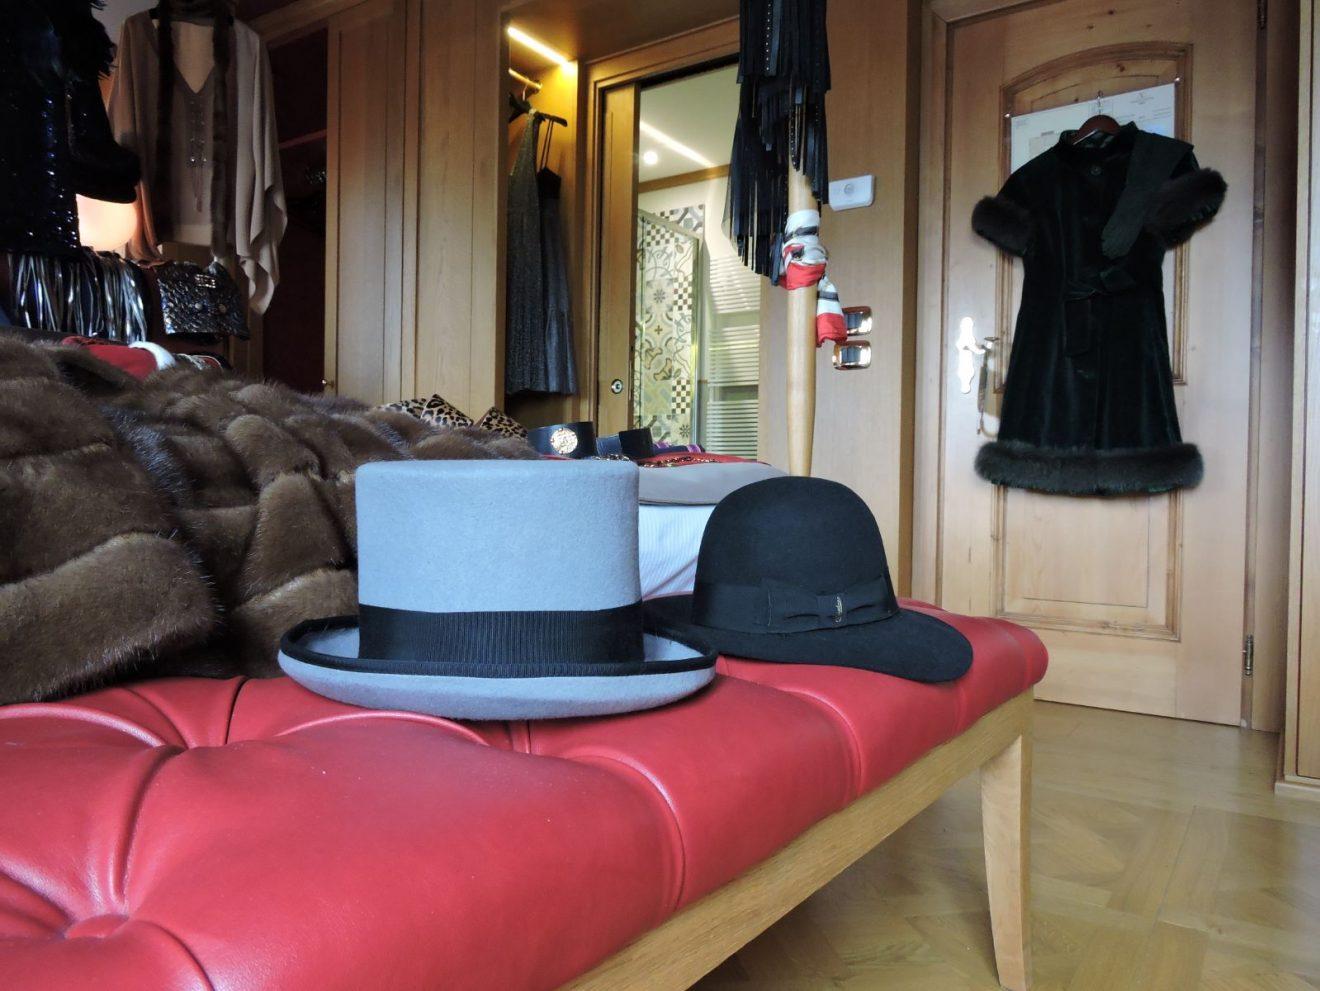 Abiti, cappelli e tessuti pregiati nella suite dell'Hotel Ambra a Cortina